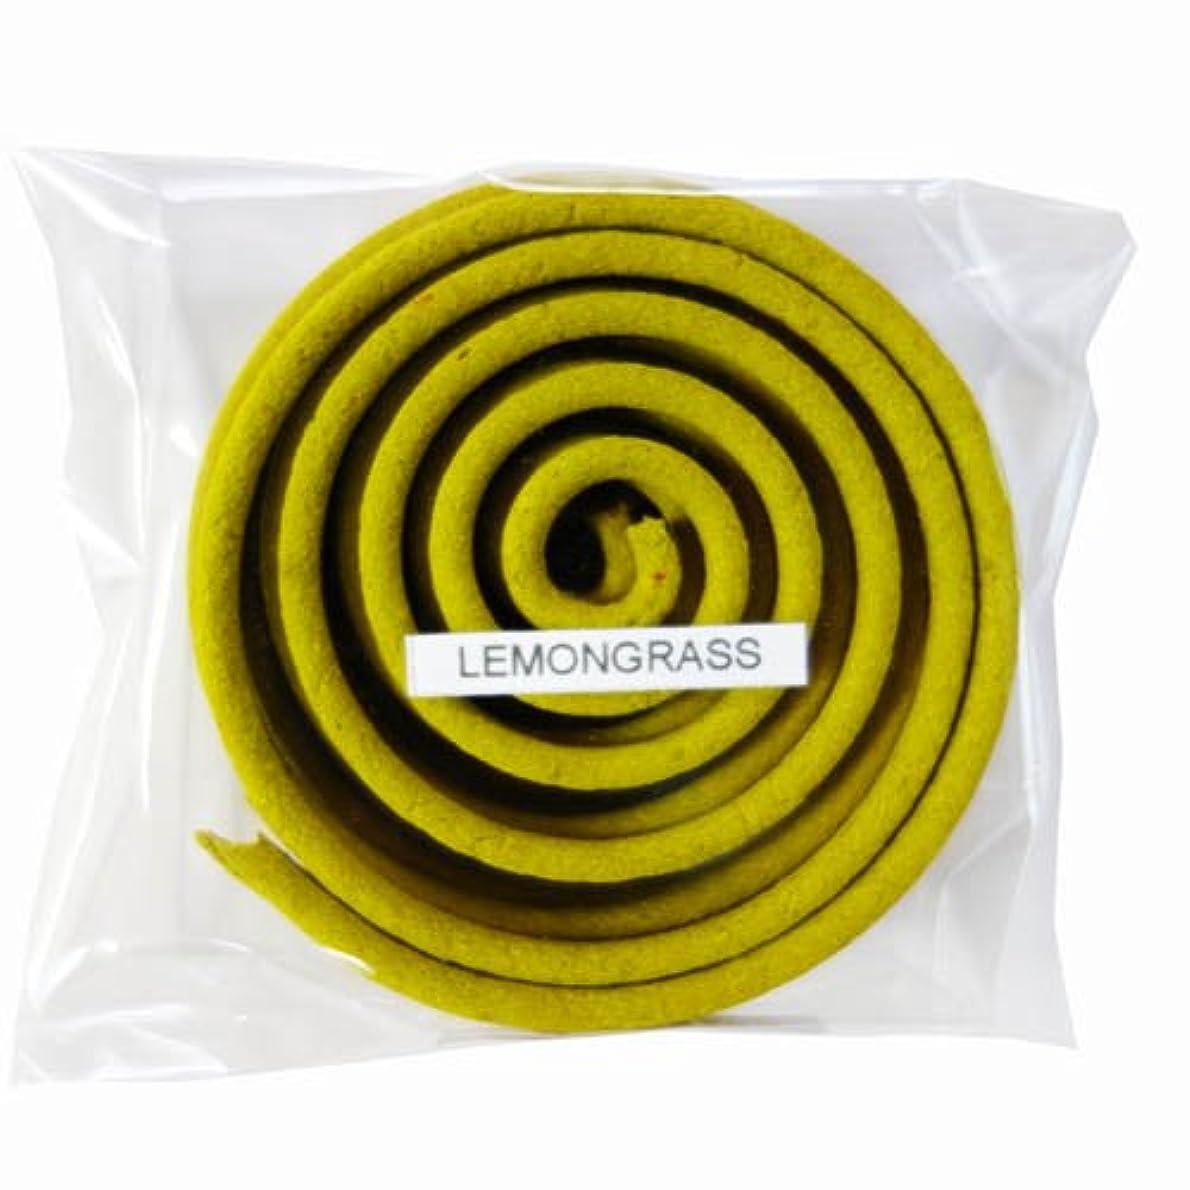 千引く癌お香/うずまき香 LEMONGRASS レモングラス 直径6.5cm×5巻セット [並行輸入品]